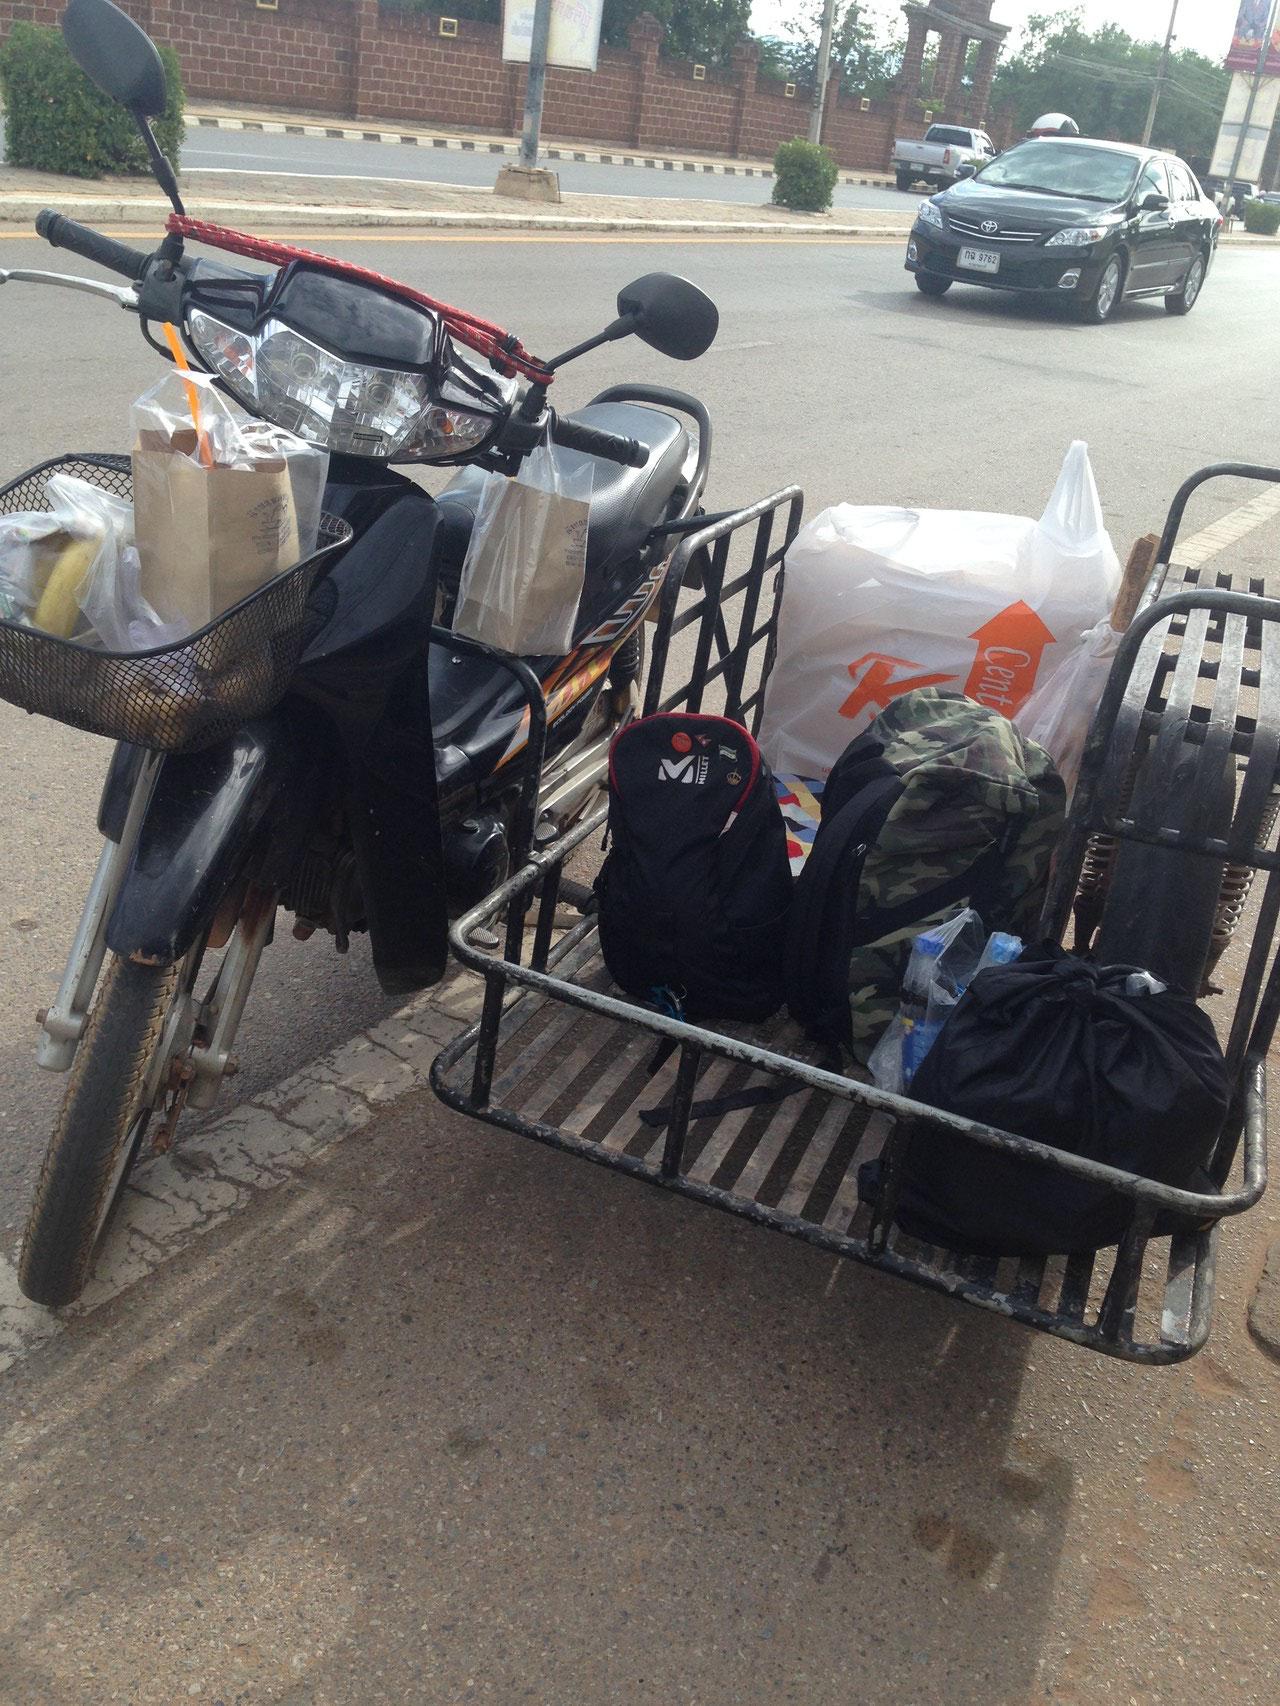 サイドカー付きのバイクに乗り換え3人乗りで家まで1時間移動